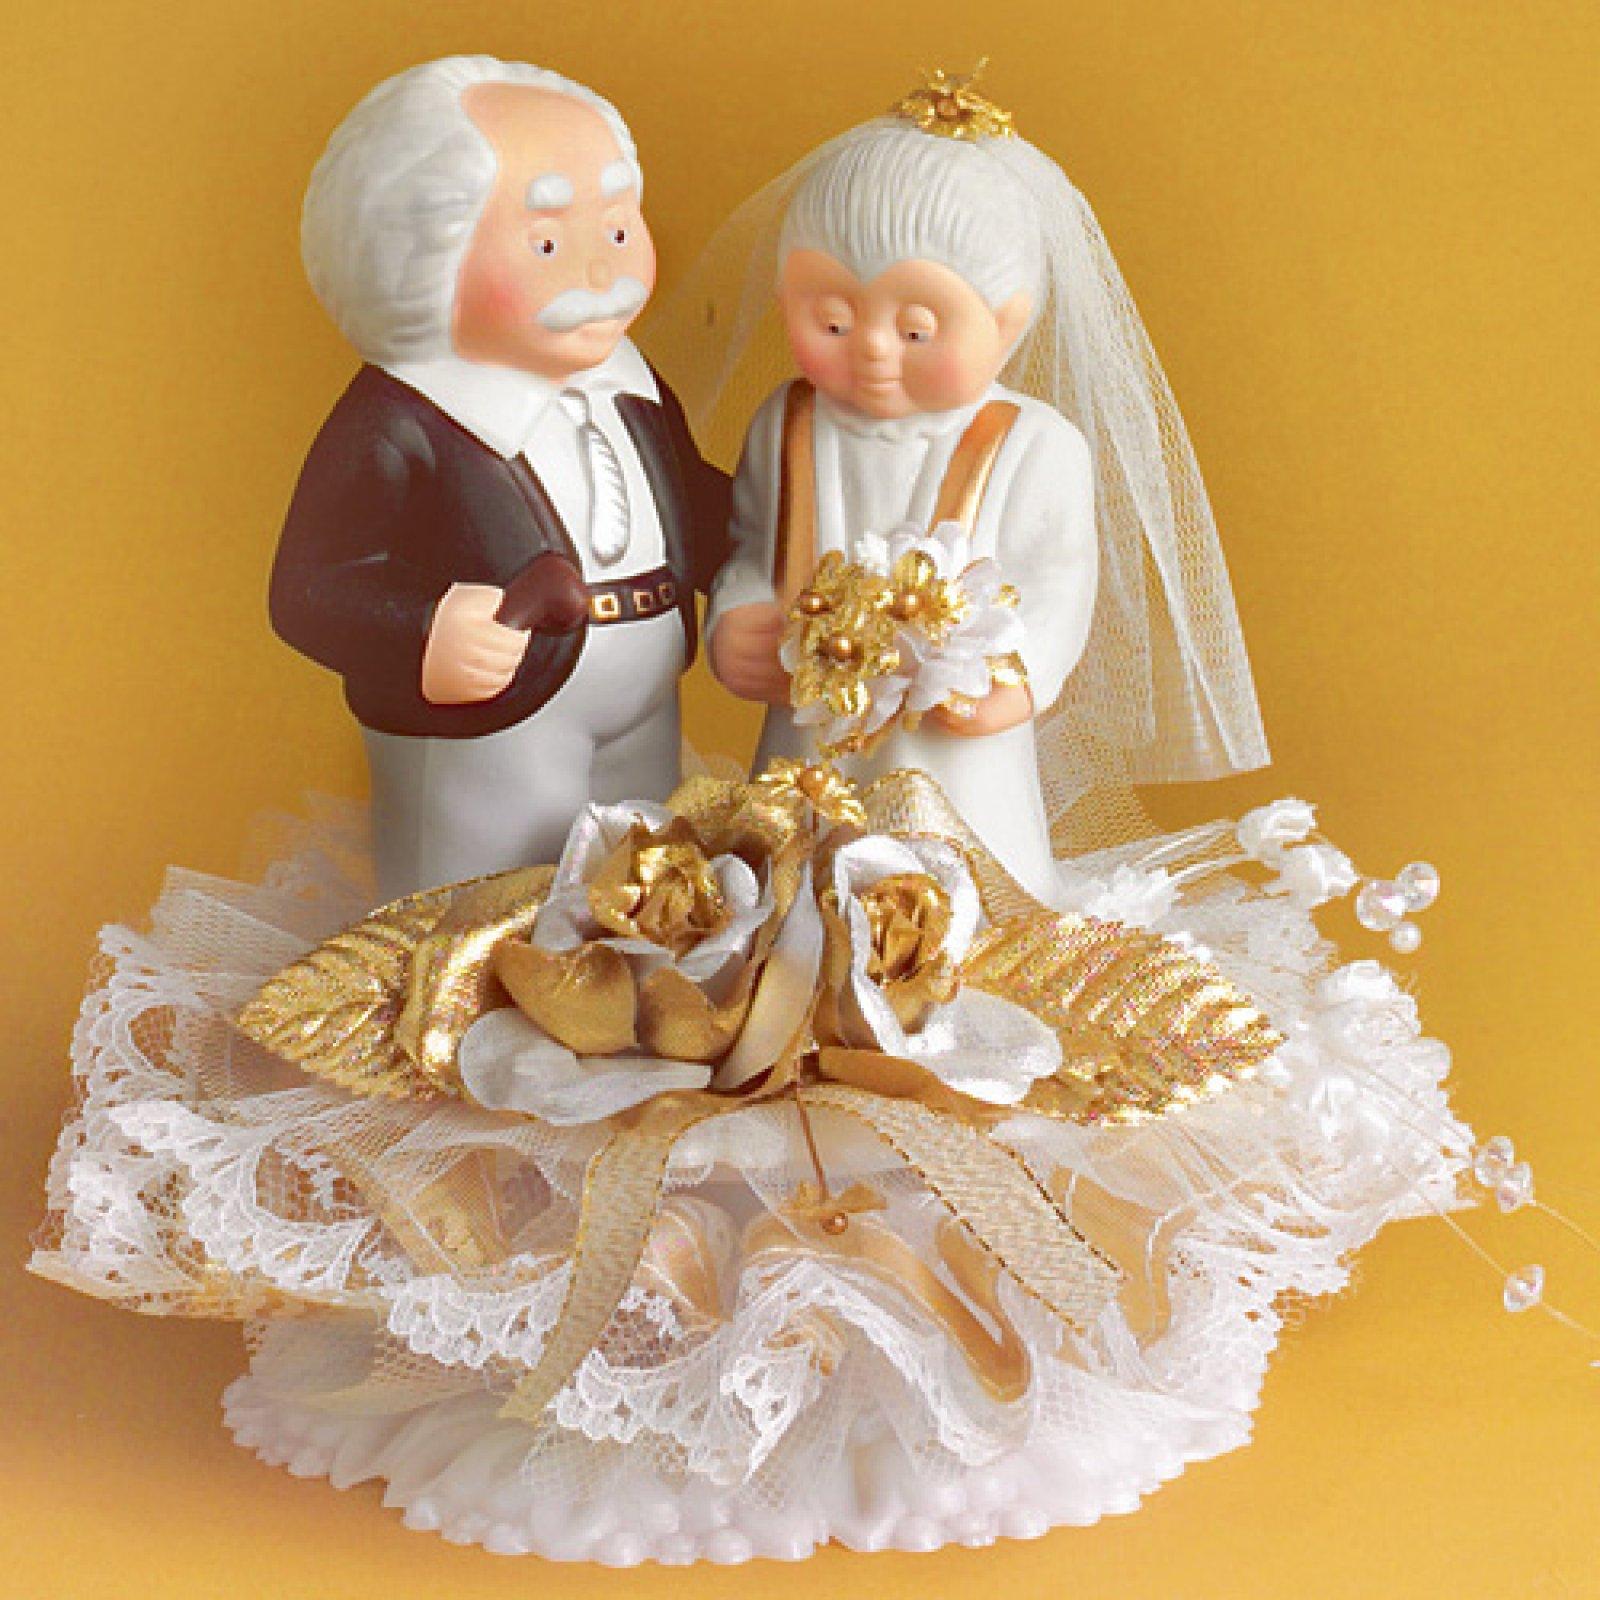 Идеи что можно подарить родителям на годовщину свадьбы